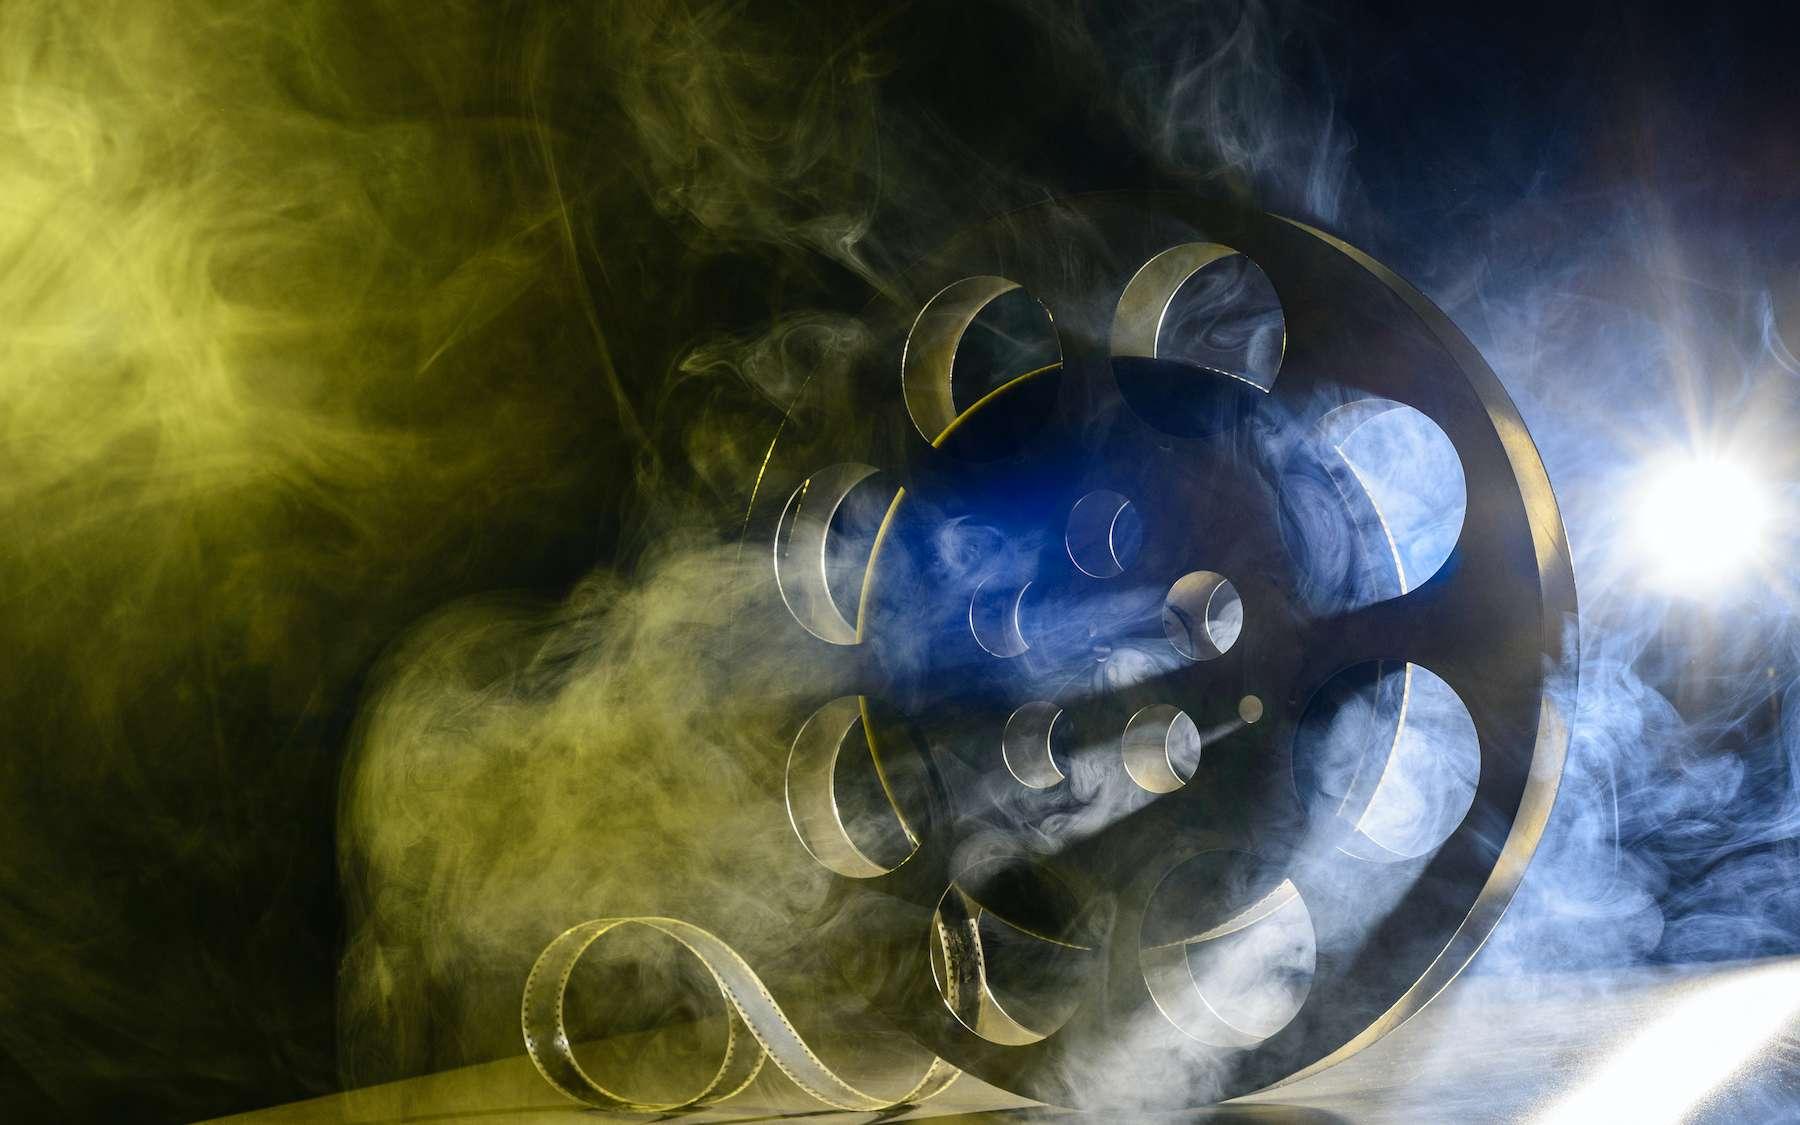 Les COV (composés organiques volatils) émis lors des projections de films sont un indicateur du type de scène qui se déroule à l'écran. © filins, Adobe Stock